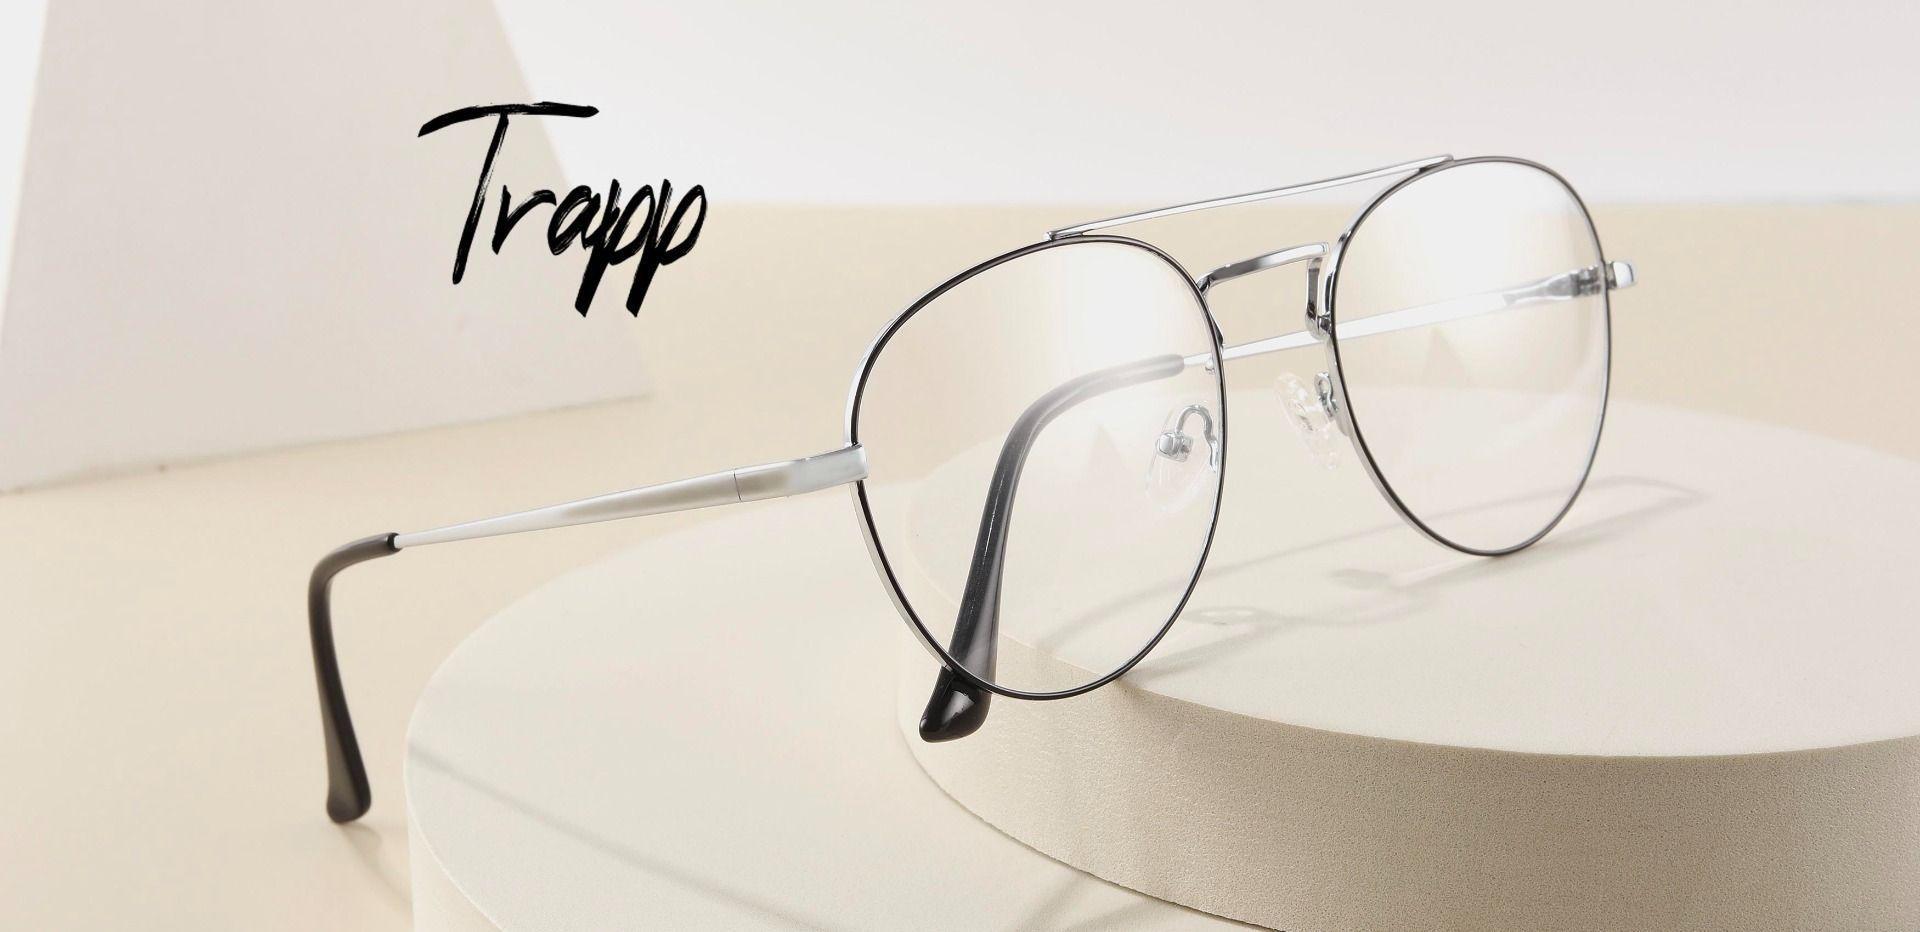 Trapp Aviator Progressive Glasses - Gray